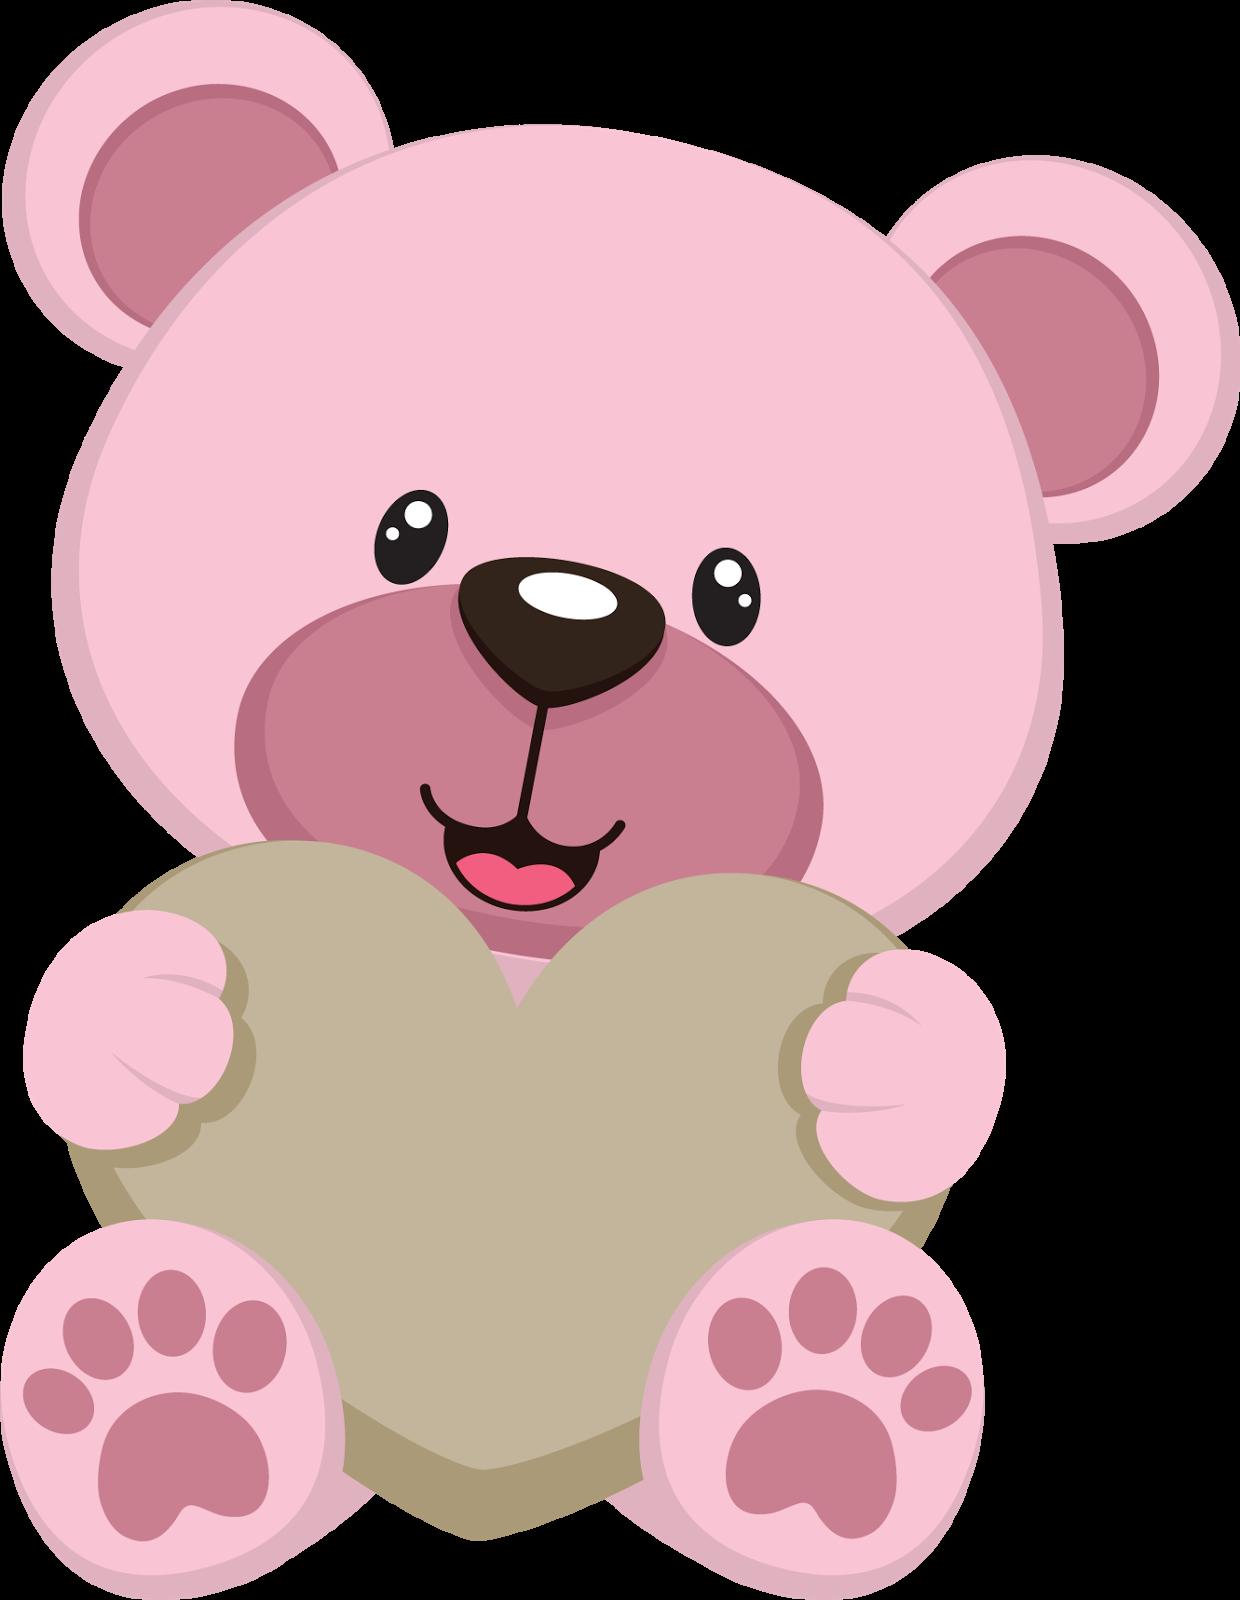 Bebe Ursinho Png ~ Ursinho coraç u00e3o Ursinhos Pinterest Coraç u00e3o, De mae para mae e Moldes de desenhos